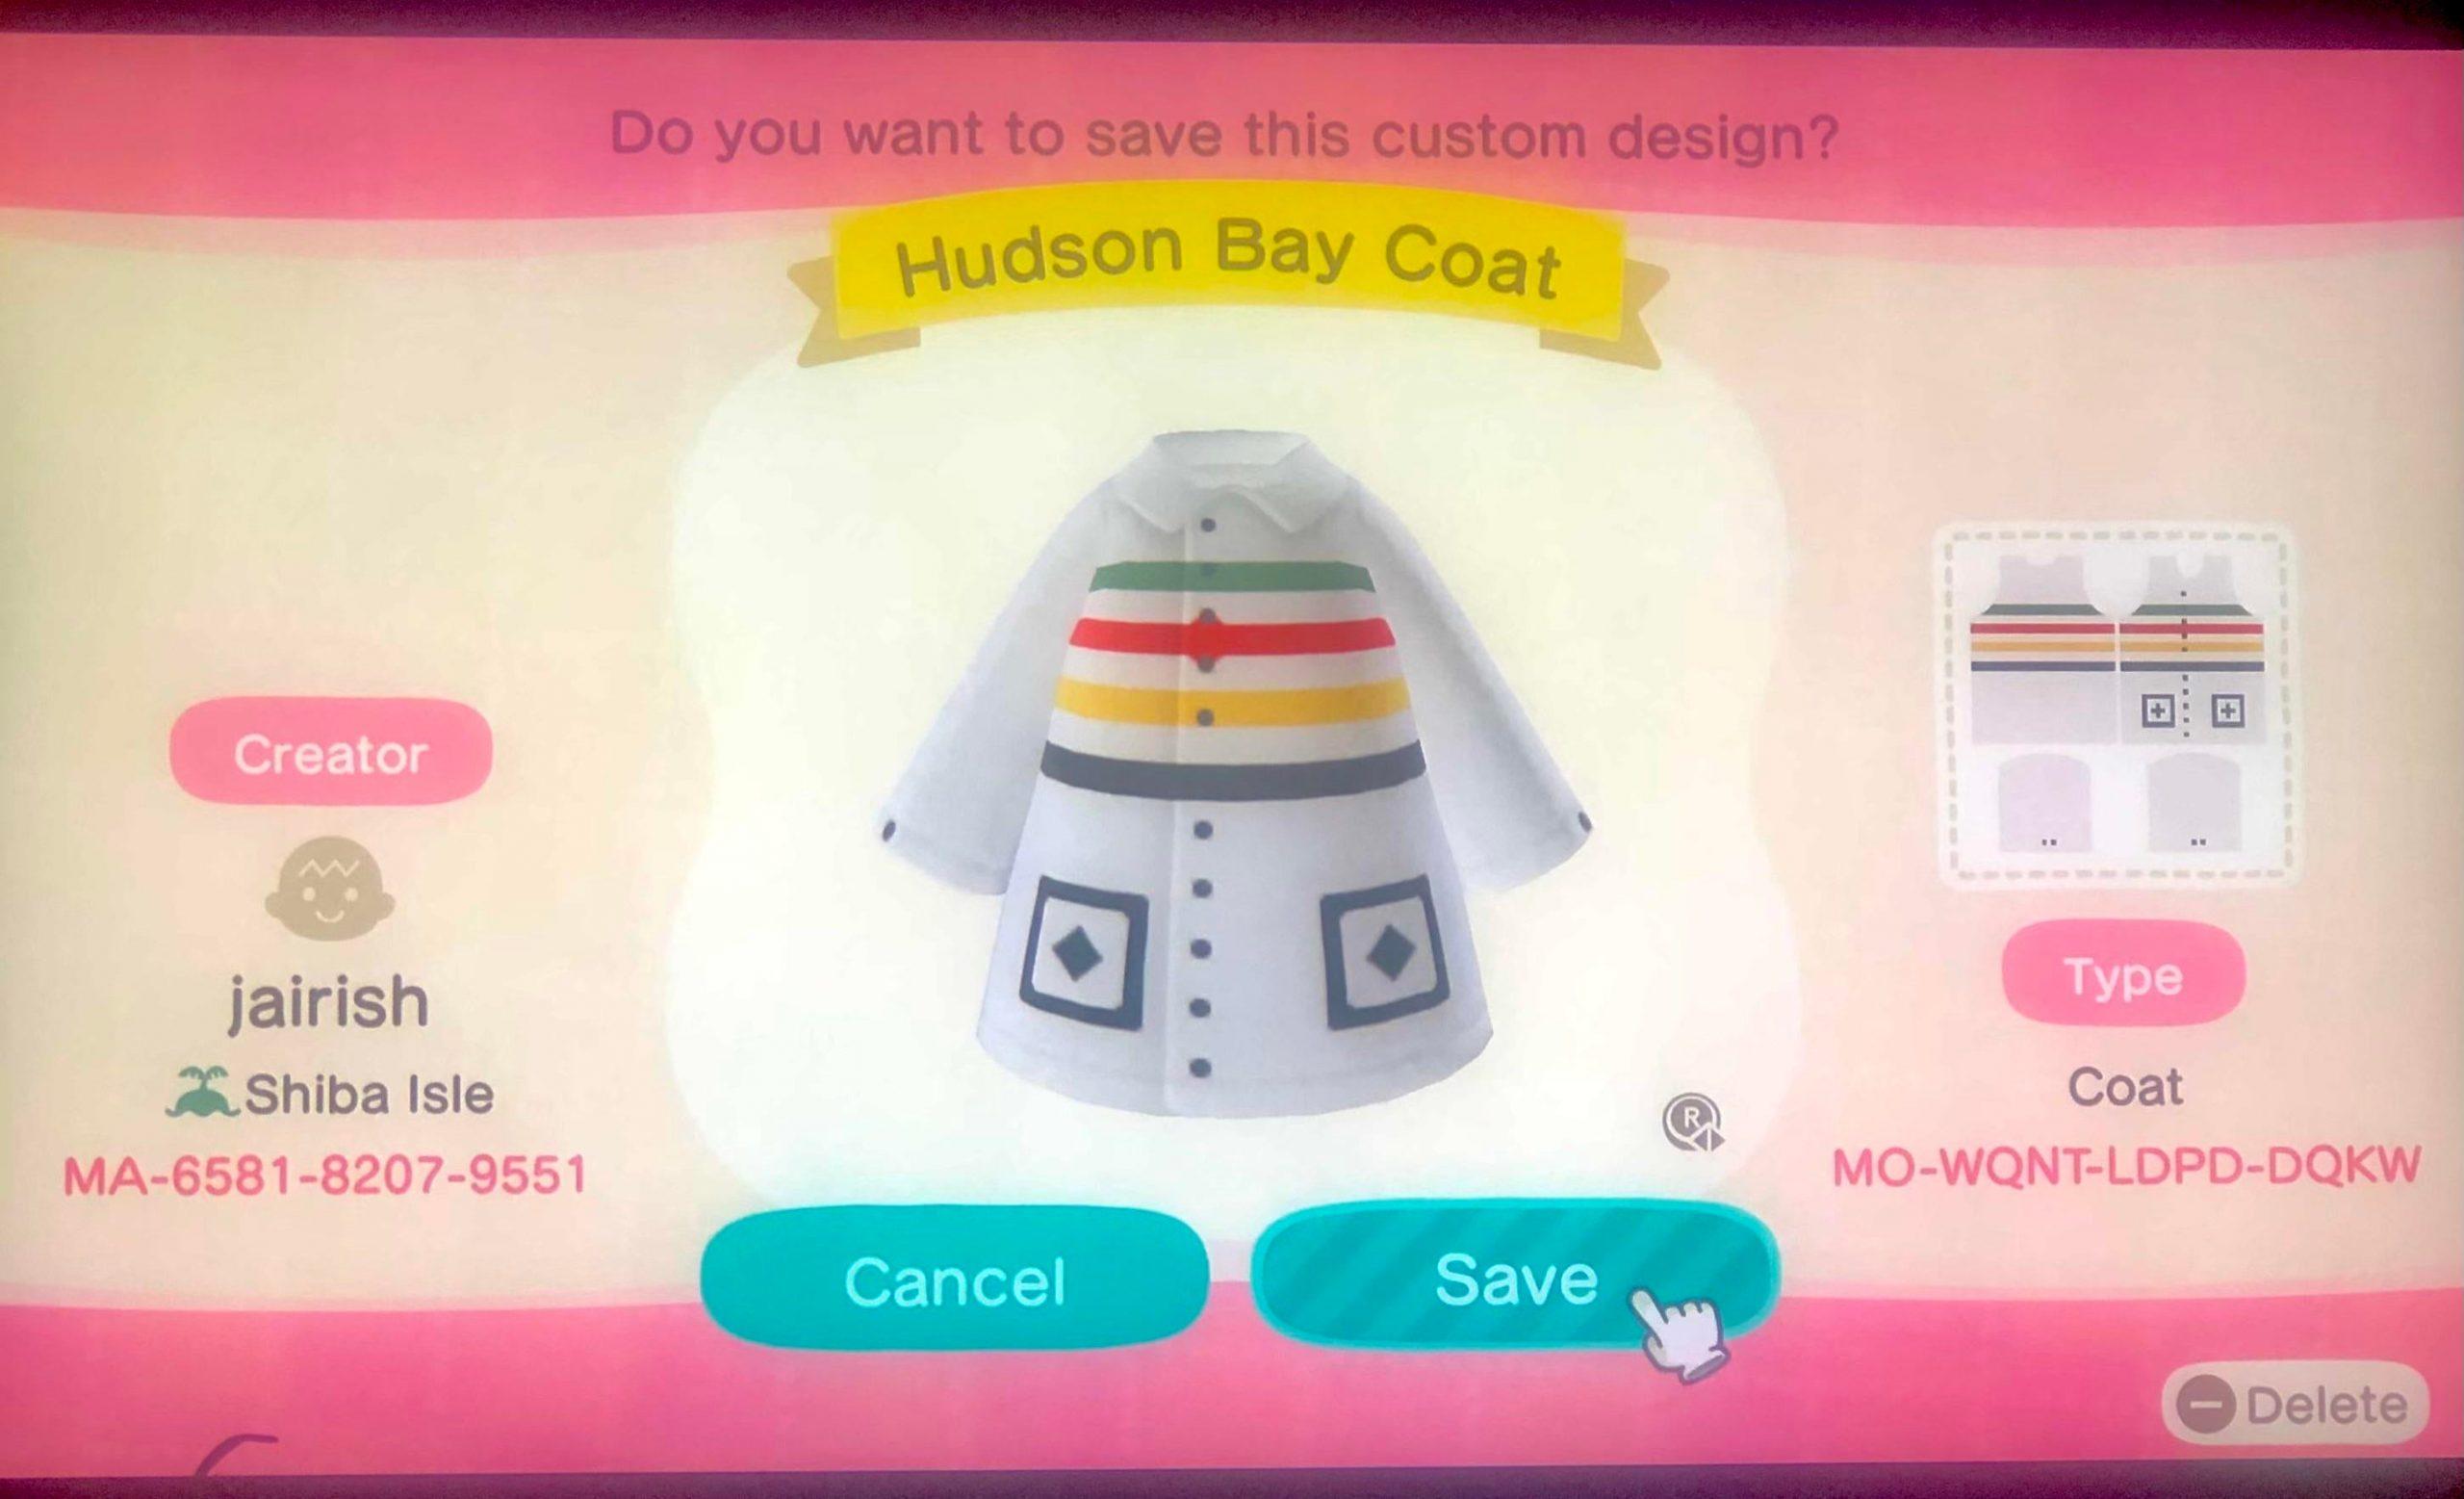 Vintage Hudson Bay Coat - 1st design! 😁